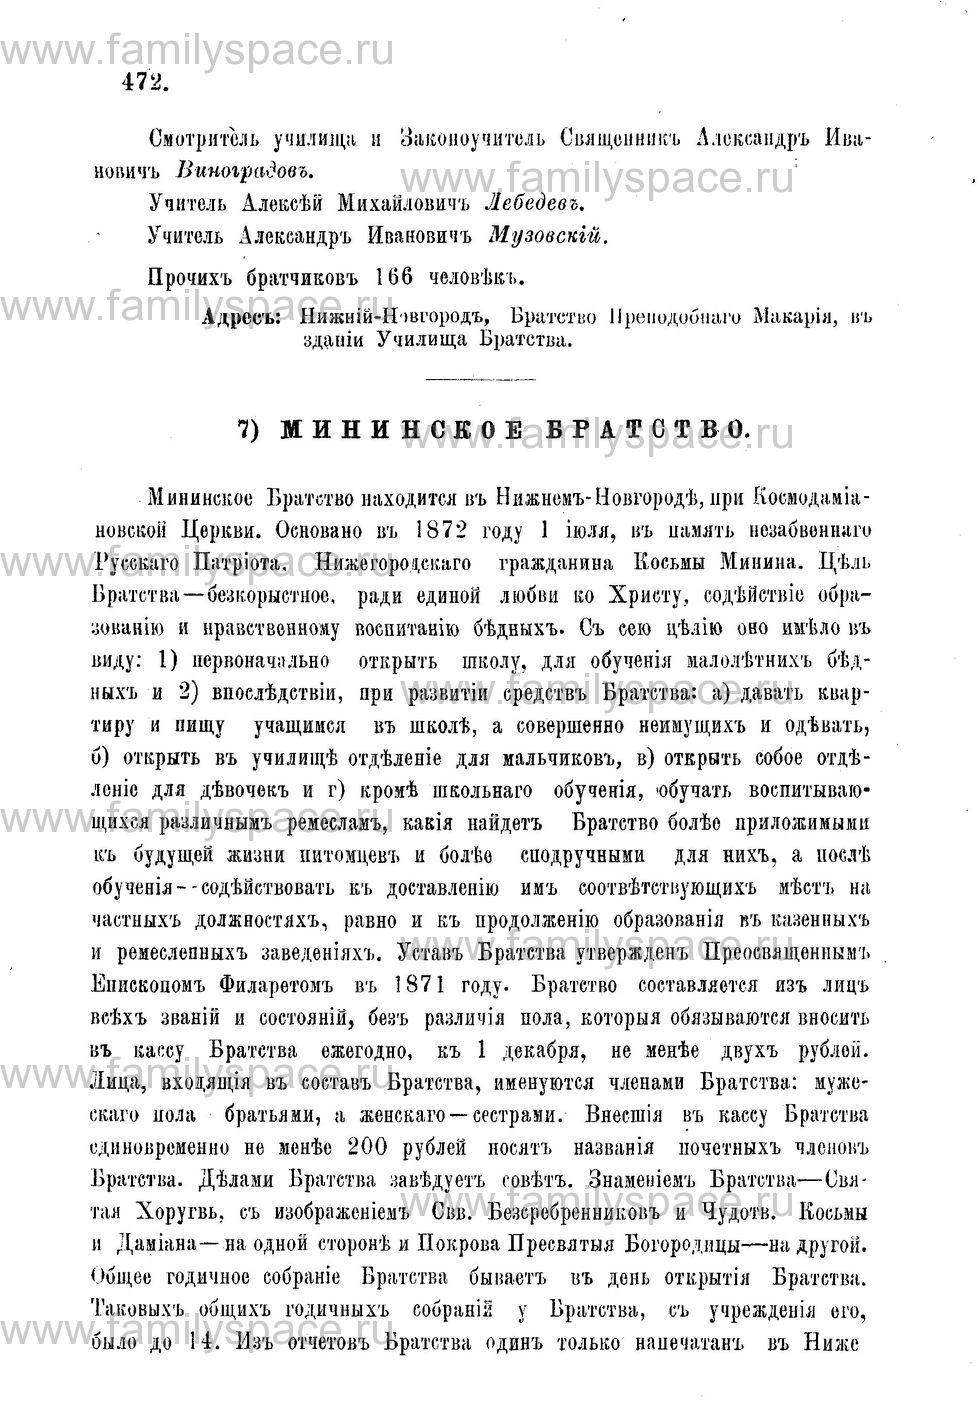 Поиск по фамилии - Адрес-календарь Нижегородской епархии на 1888 год, страница 1472